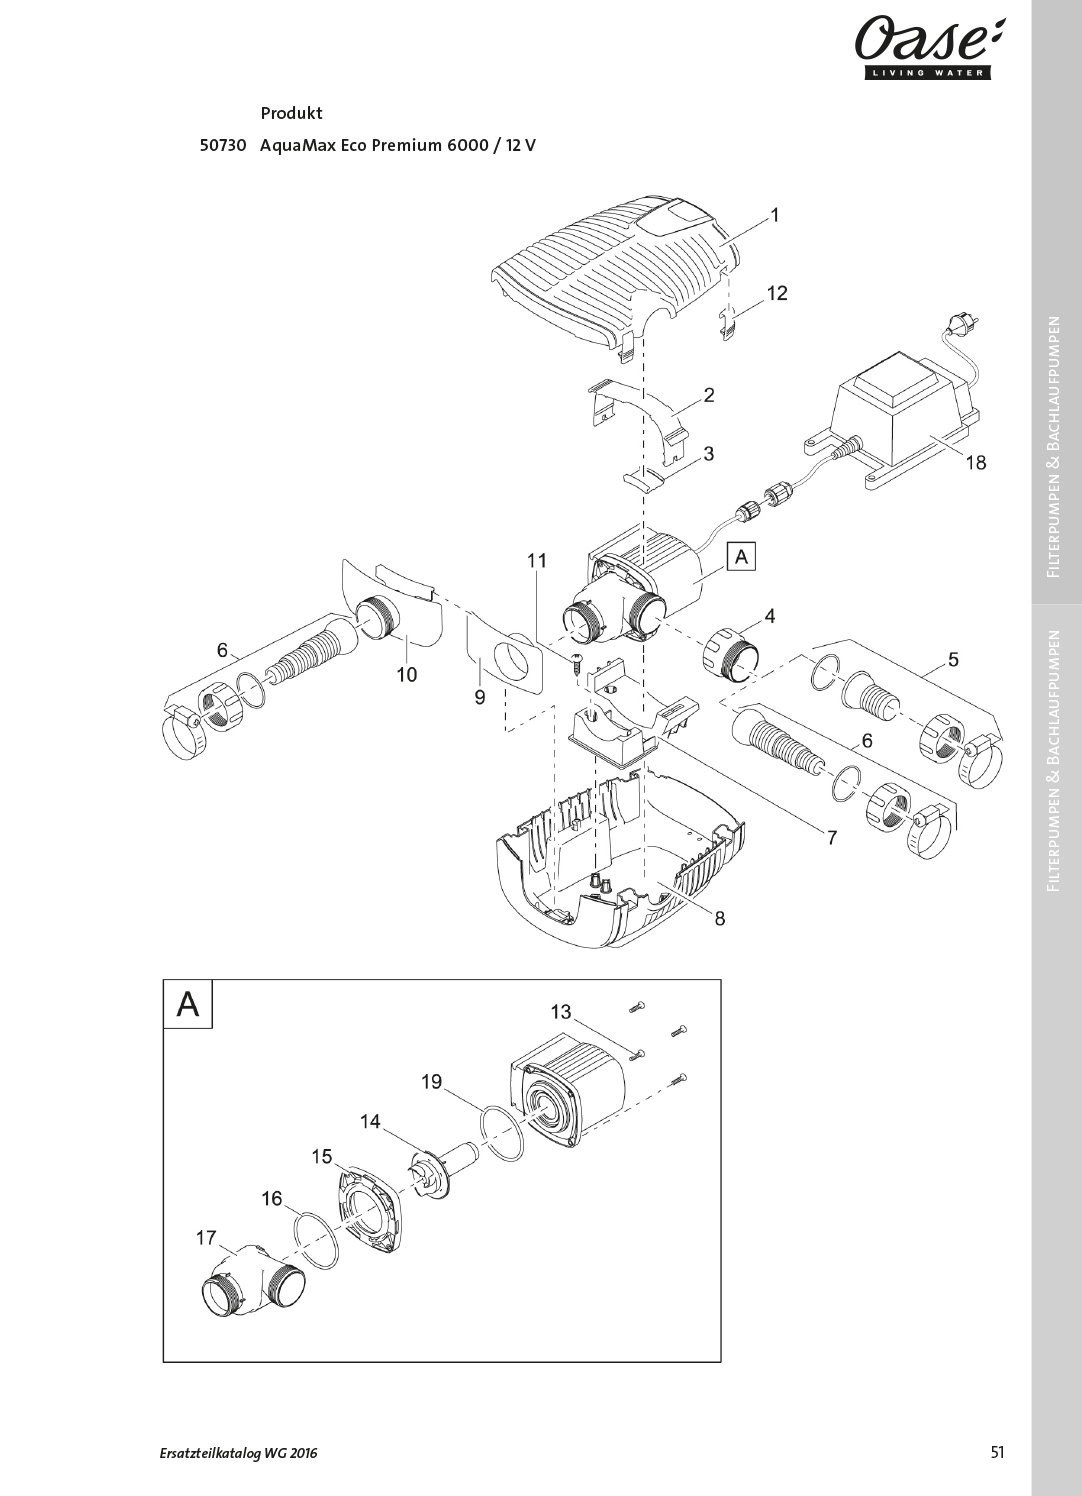 Oase-Ersatzteile für 50730 Oase AquaMax Eco Premium 6000 / 12 V